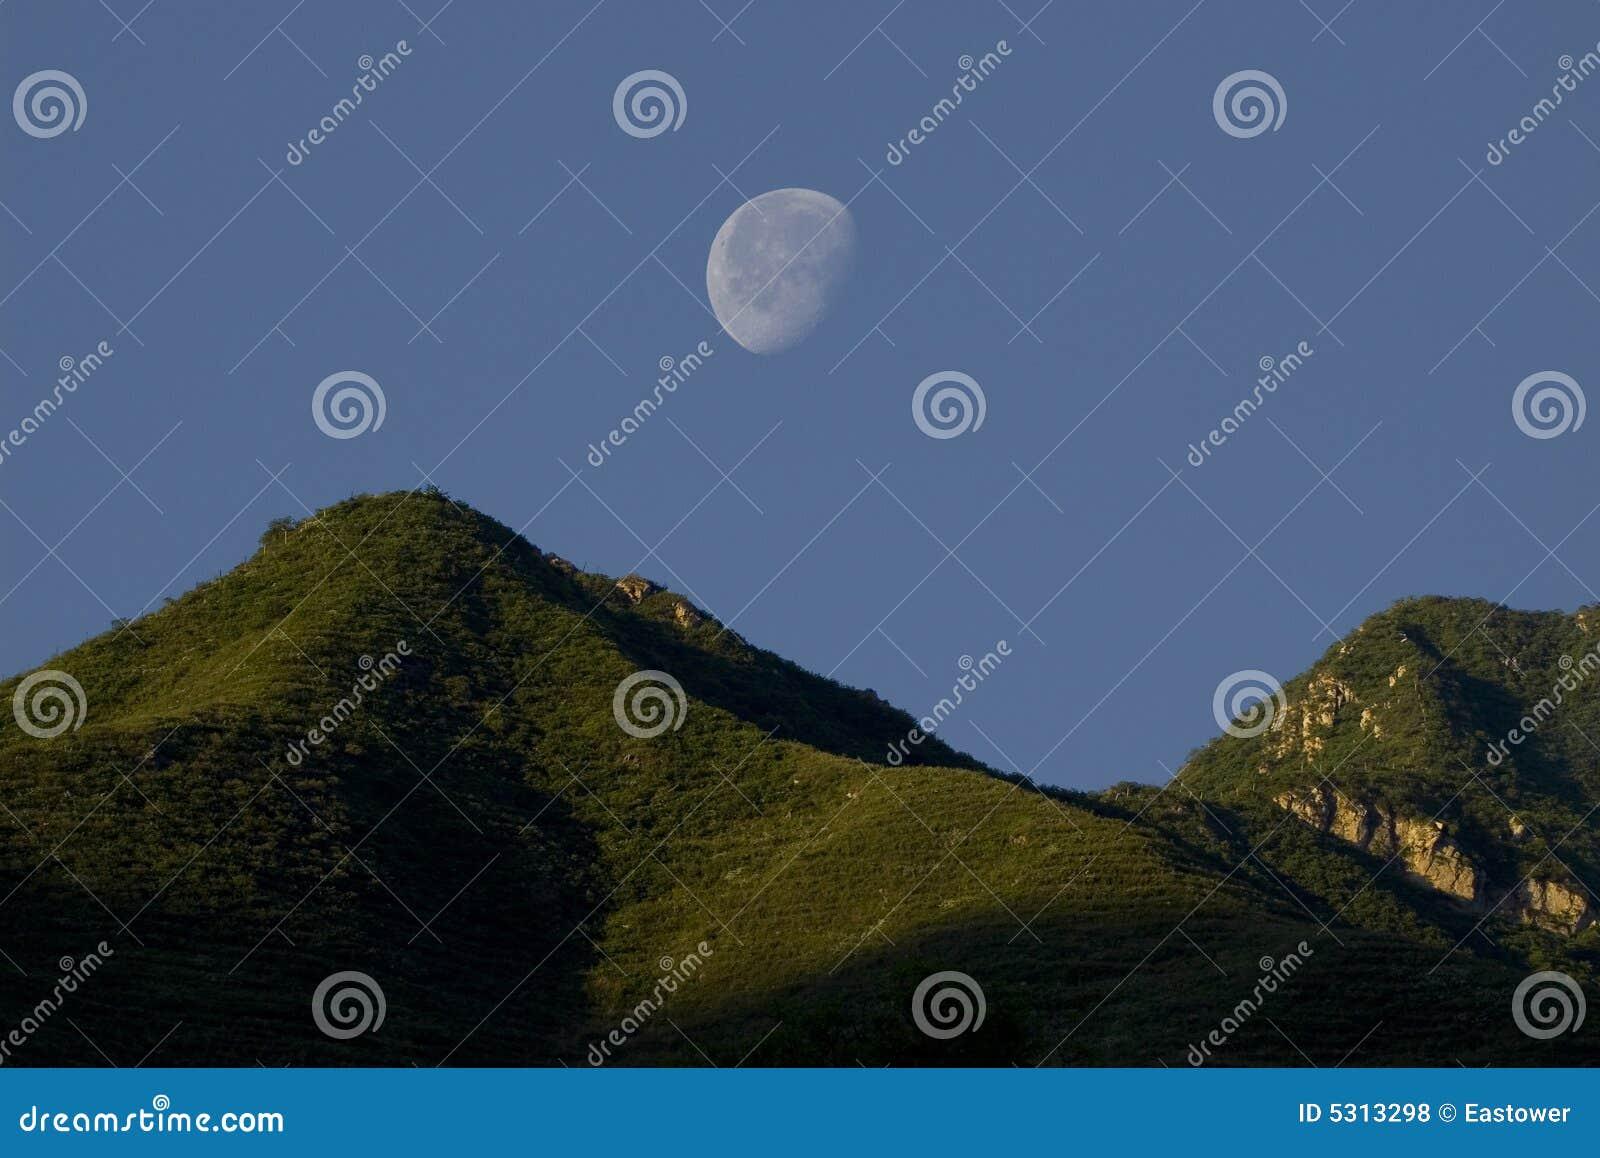 Download Luna e montagna fotografia stock. Immagine di nave, ombra - 5313298